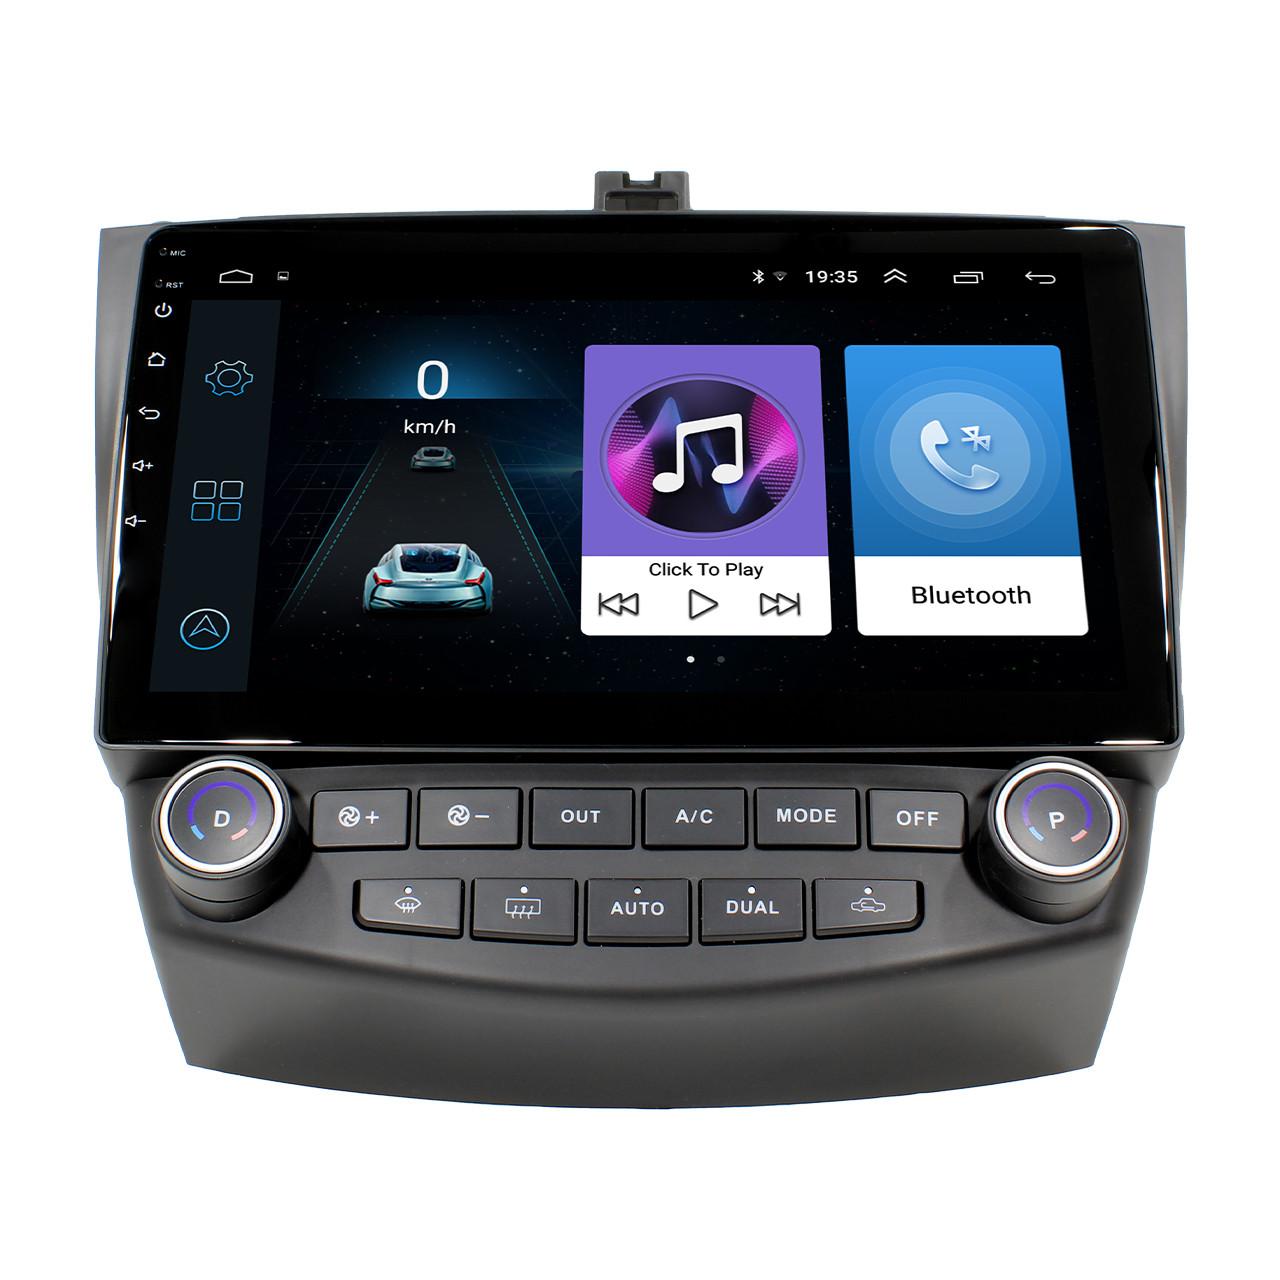 """Штатная автомобильная магнитола 10.1"""" Honda Accord (2004-2007 г.) Wi Fi GPS климат контроль Android 8.1 Go"""